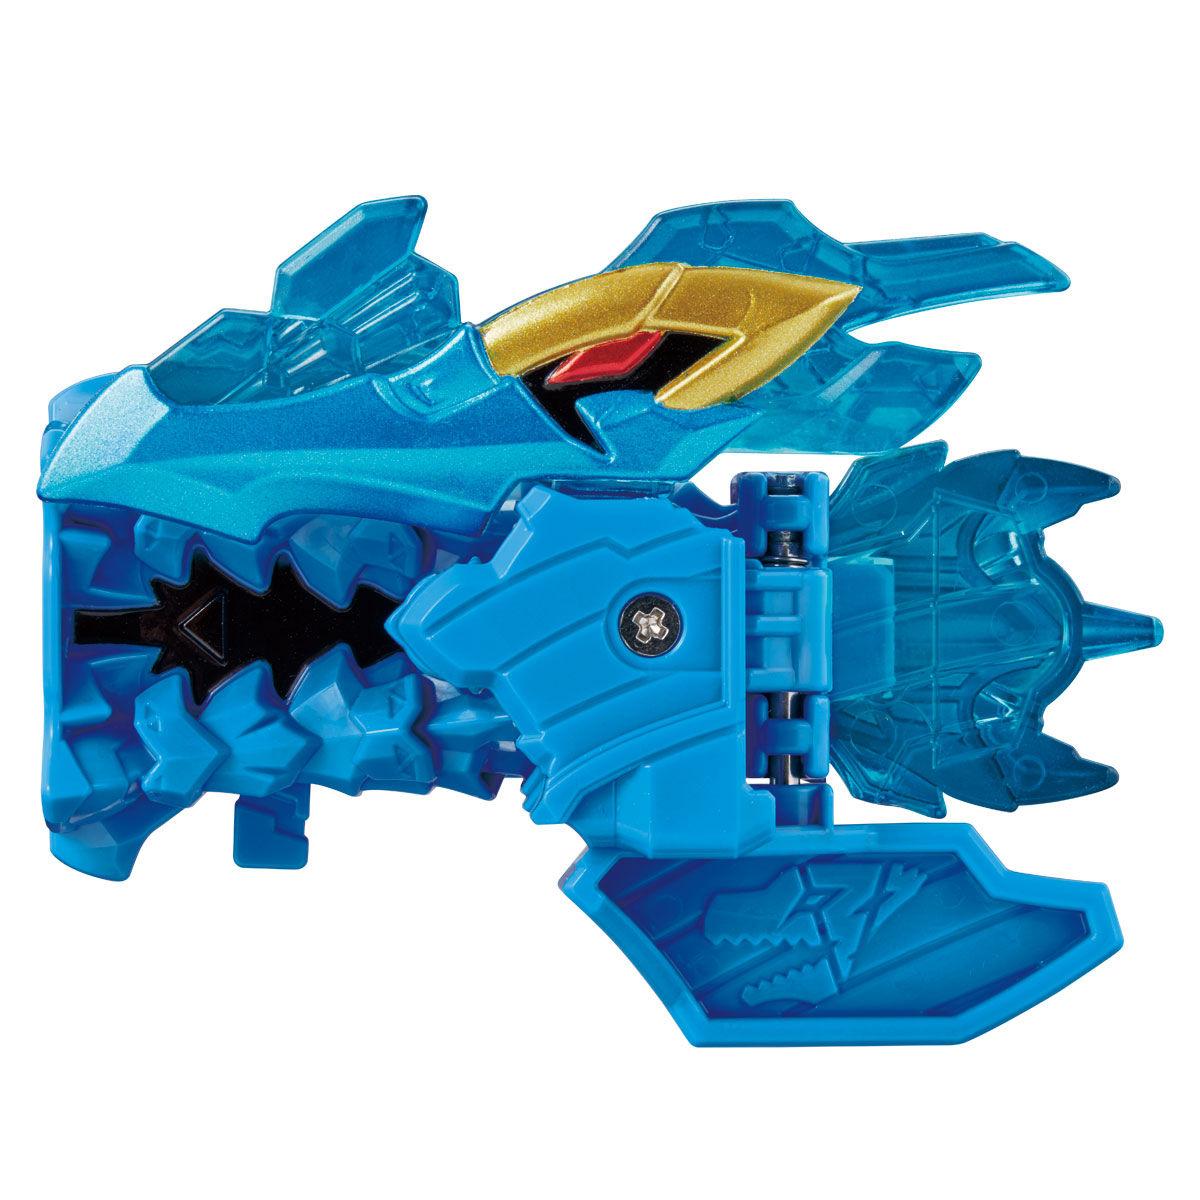 騎士竜戦隊リュウソウジャー『騎士竜シリーズ11 竜装変形 DXヨクリュウオー』可変可動フィギュア-005